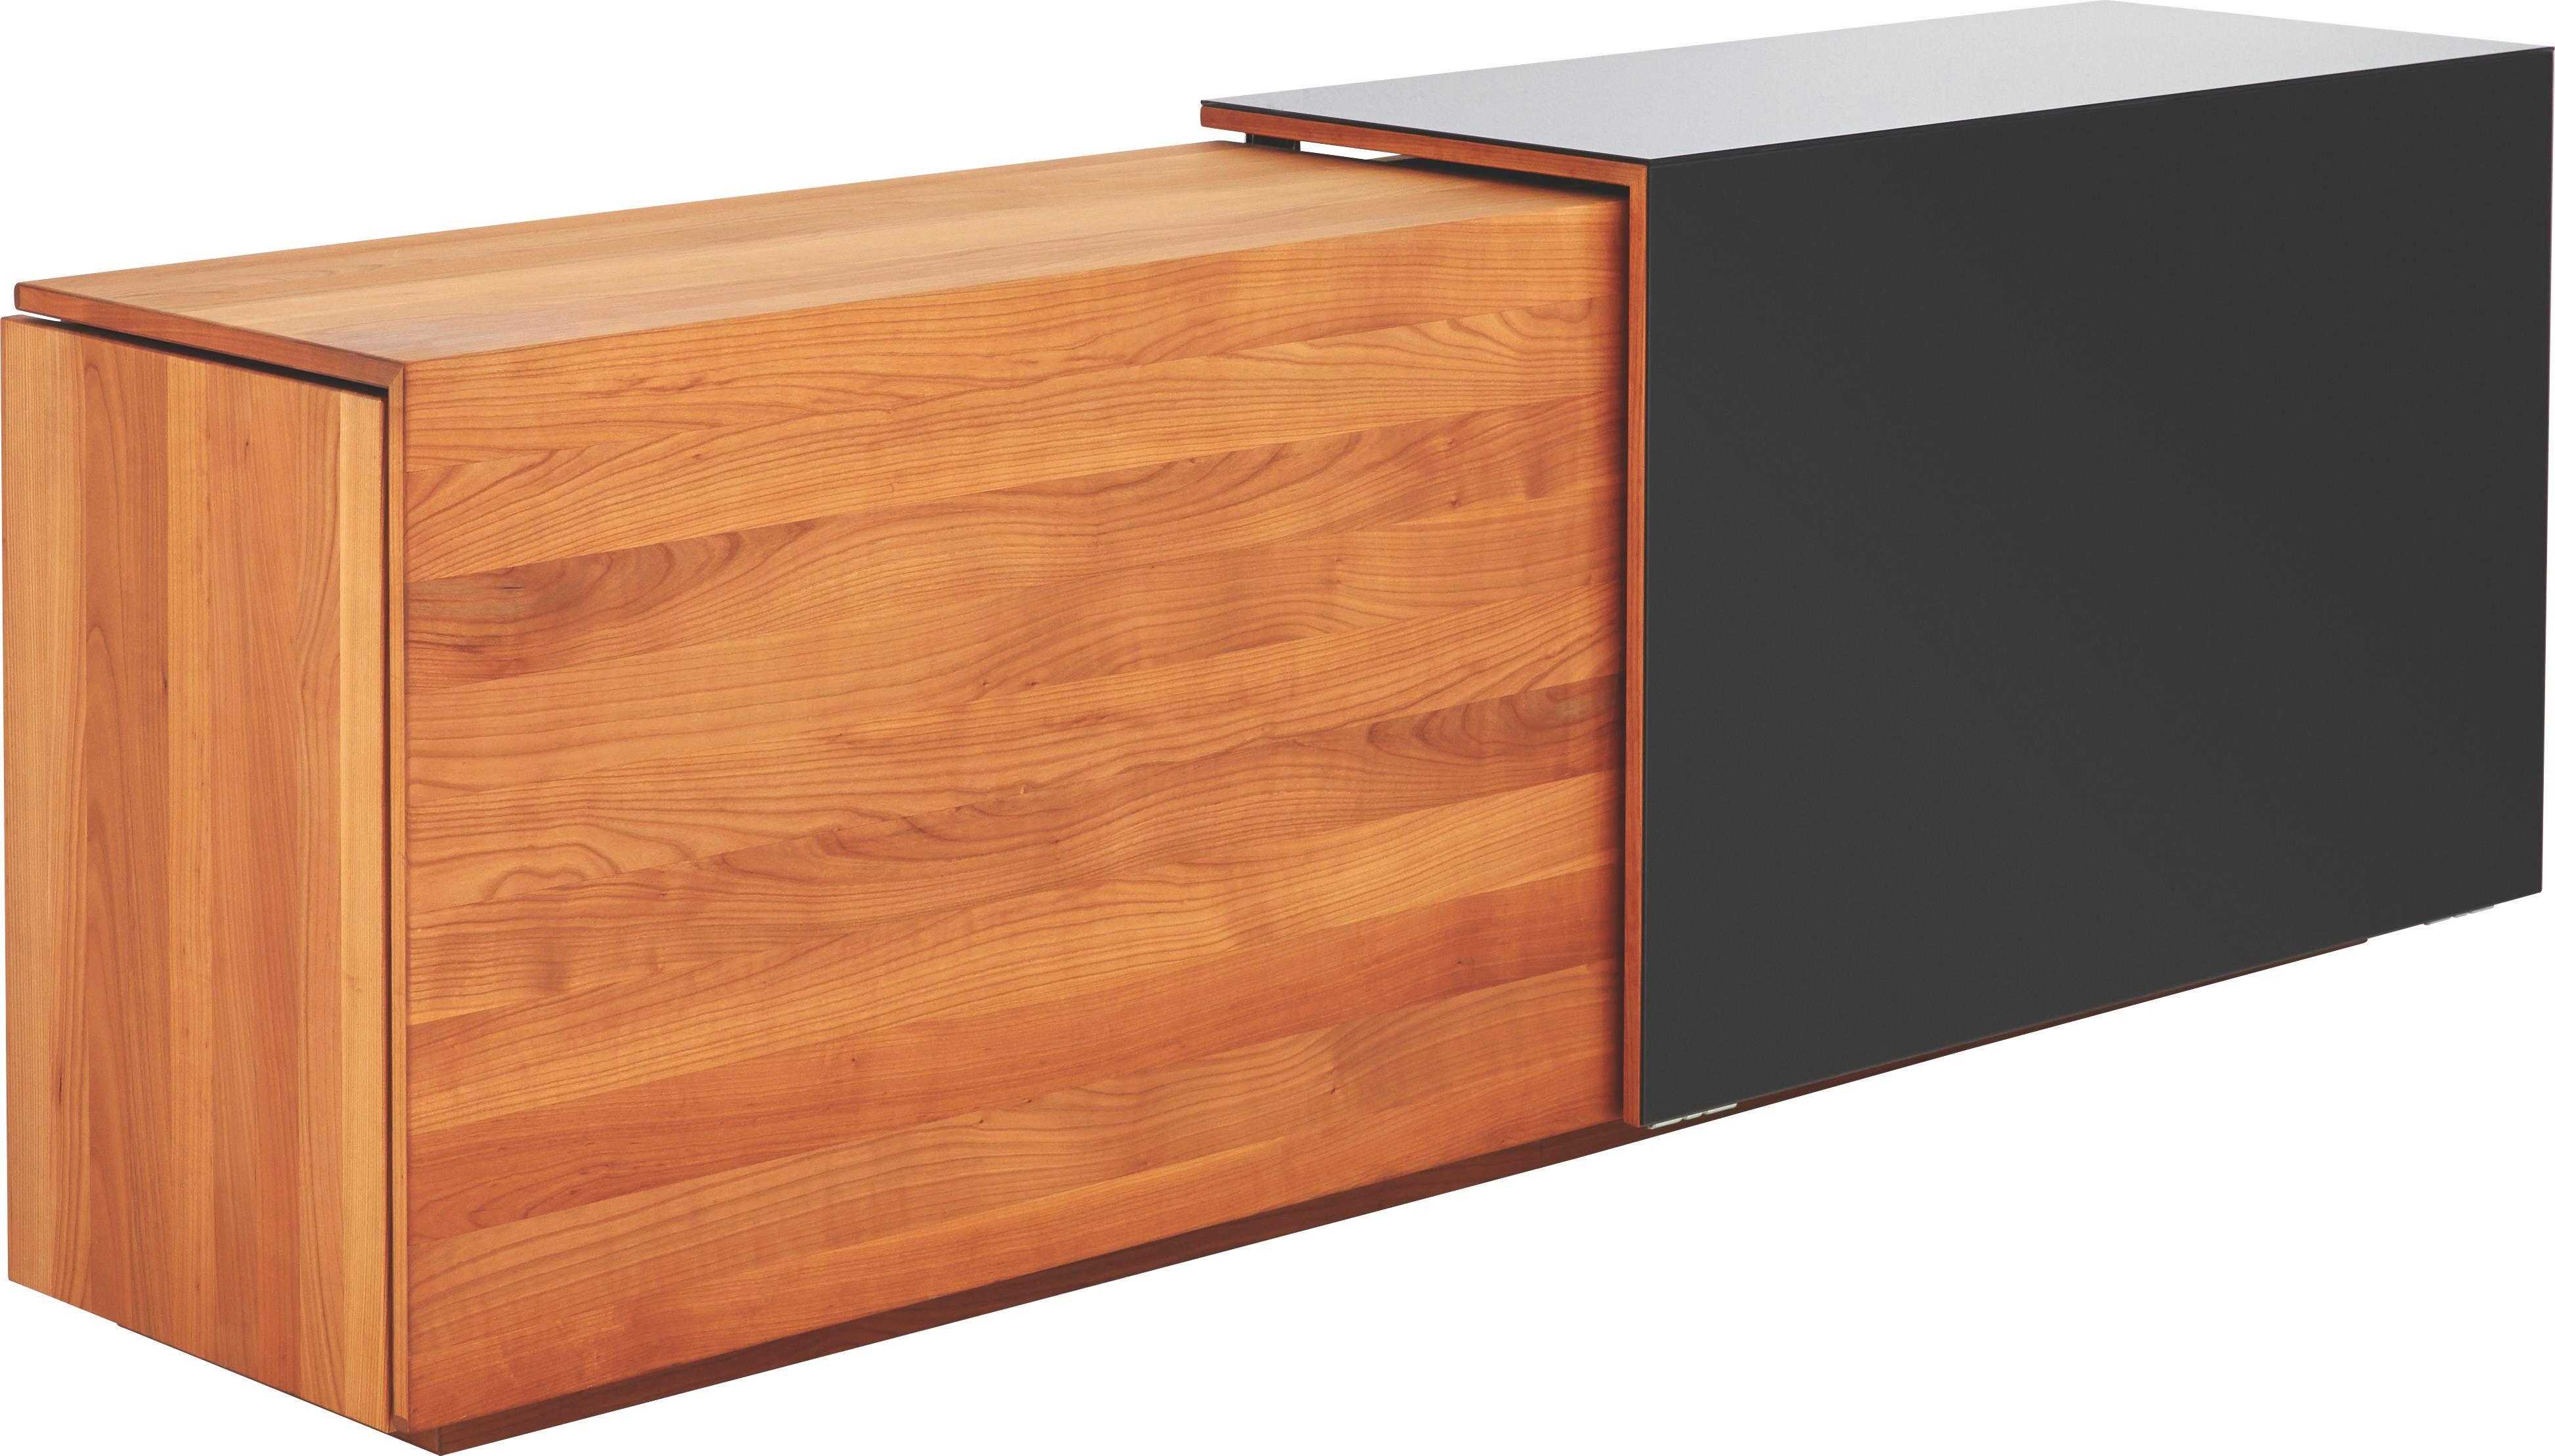 Kirschbaum Sideboard sideboard schwarz glas tv table lcd tv bracket mount black